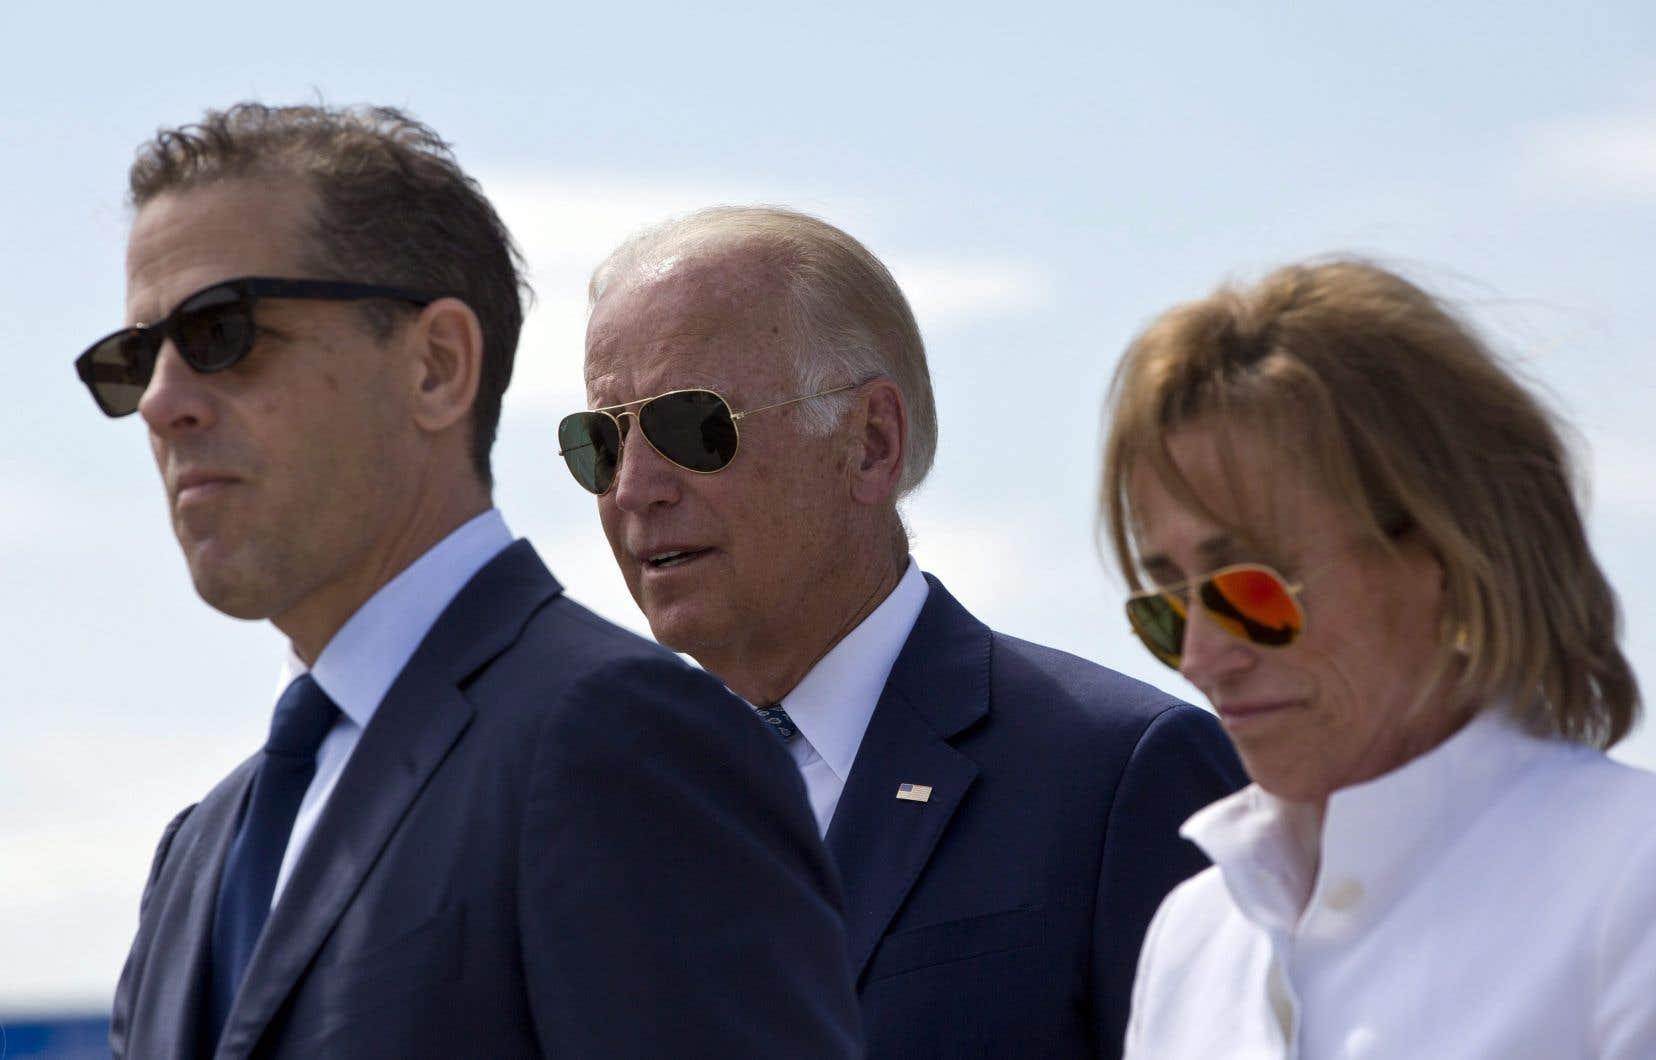 Hunter Biden, à gauche, en compagnie de son père Joe Biden et de sa tante Valerie Biden Owens